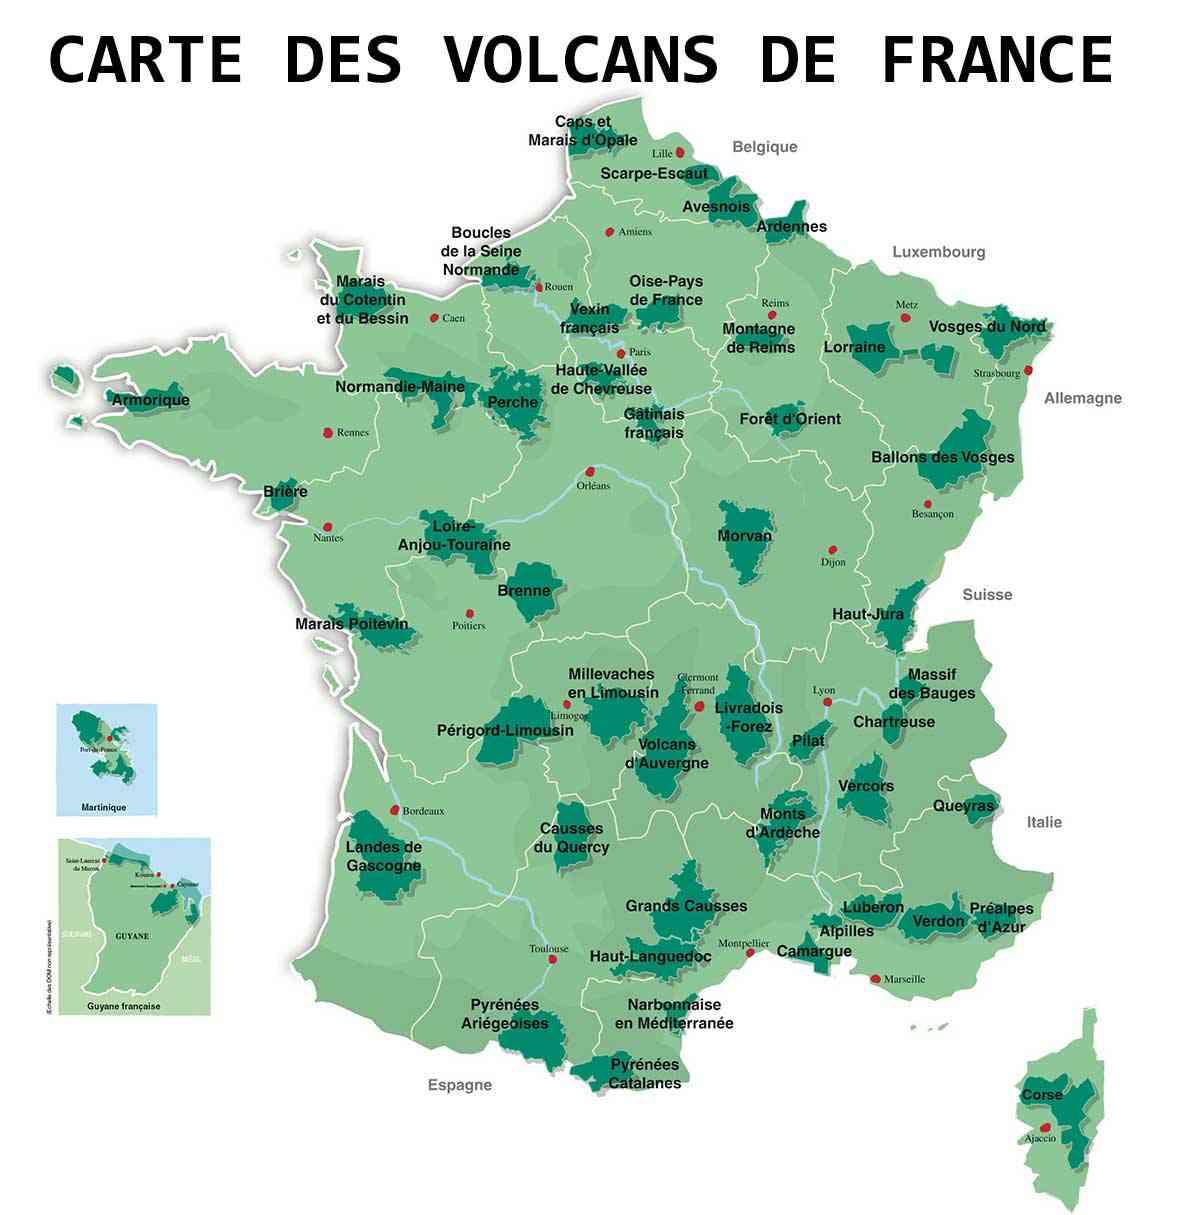 carte des volcans en france